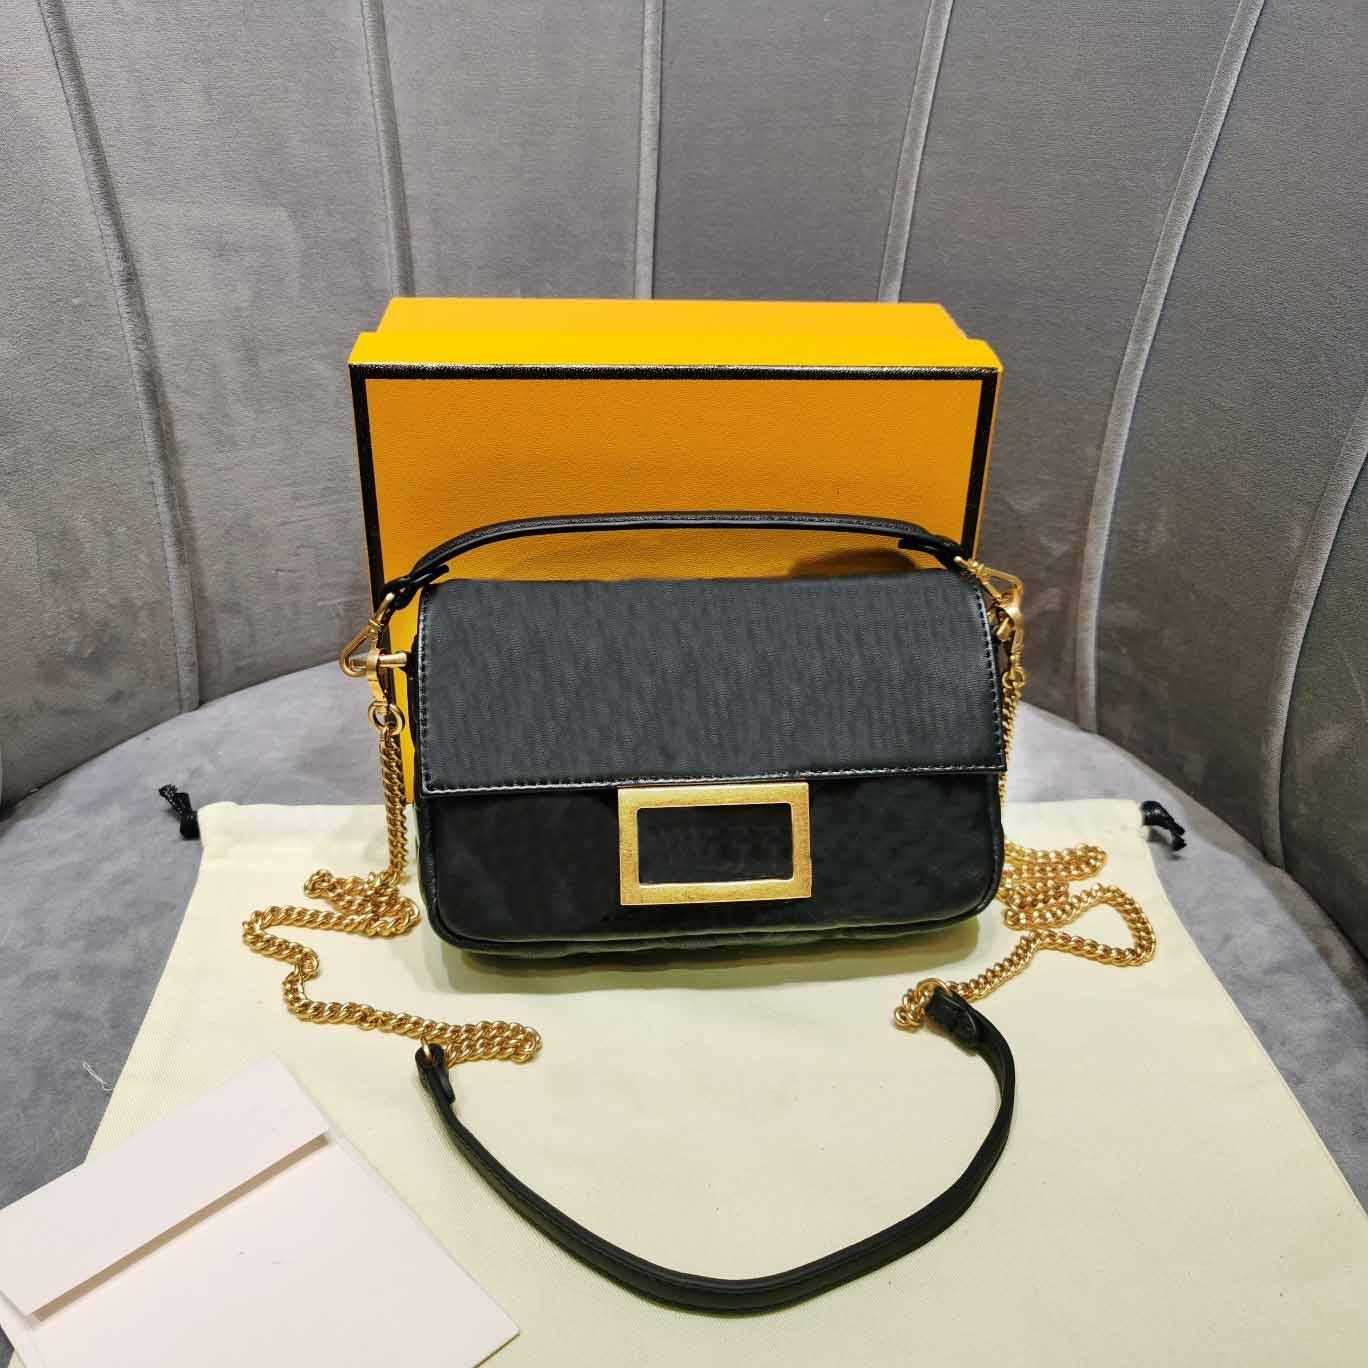 Mesdames sac fourre tout mini-pochette baguette noir f lettre en cuir véritable chian sac de gaufrage épaule sacs Crossbody 7a haut de gamme